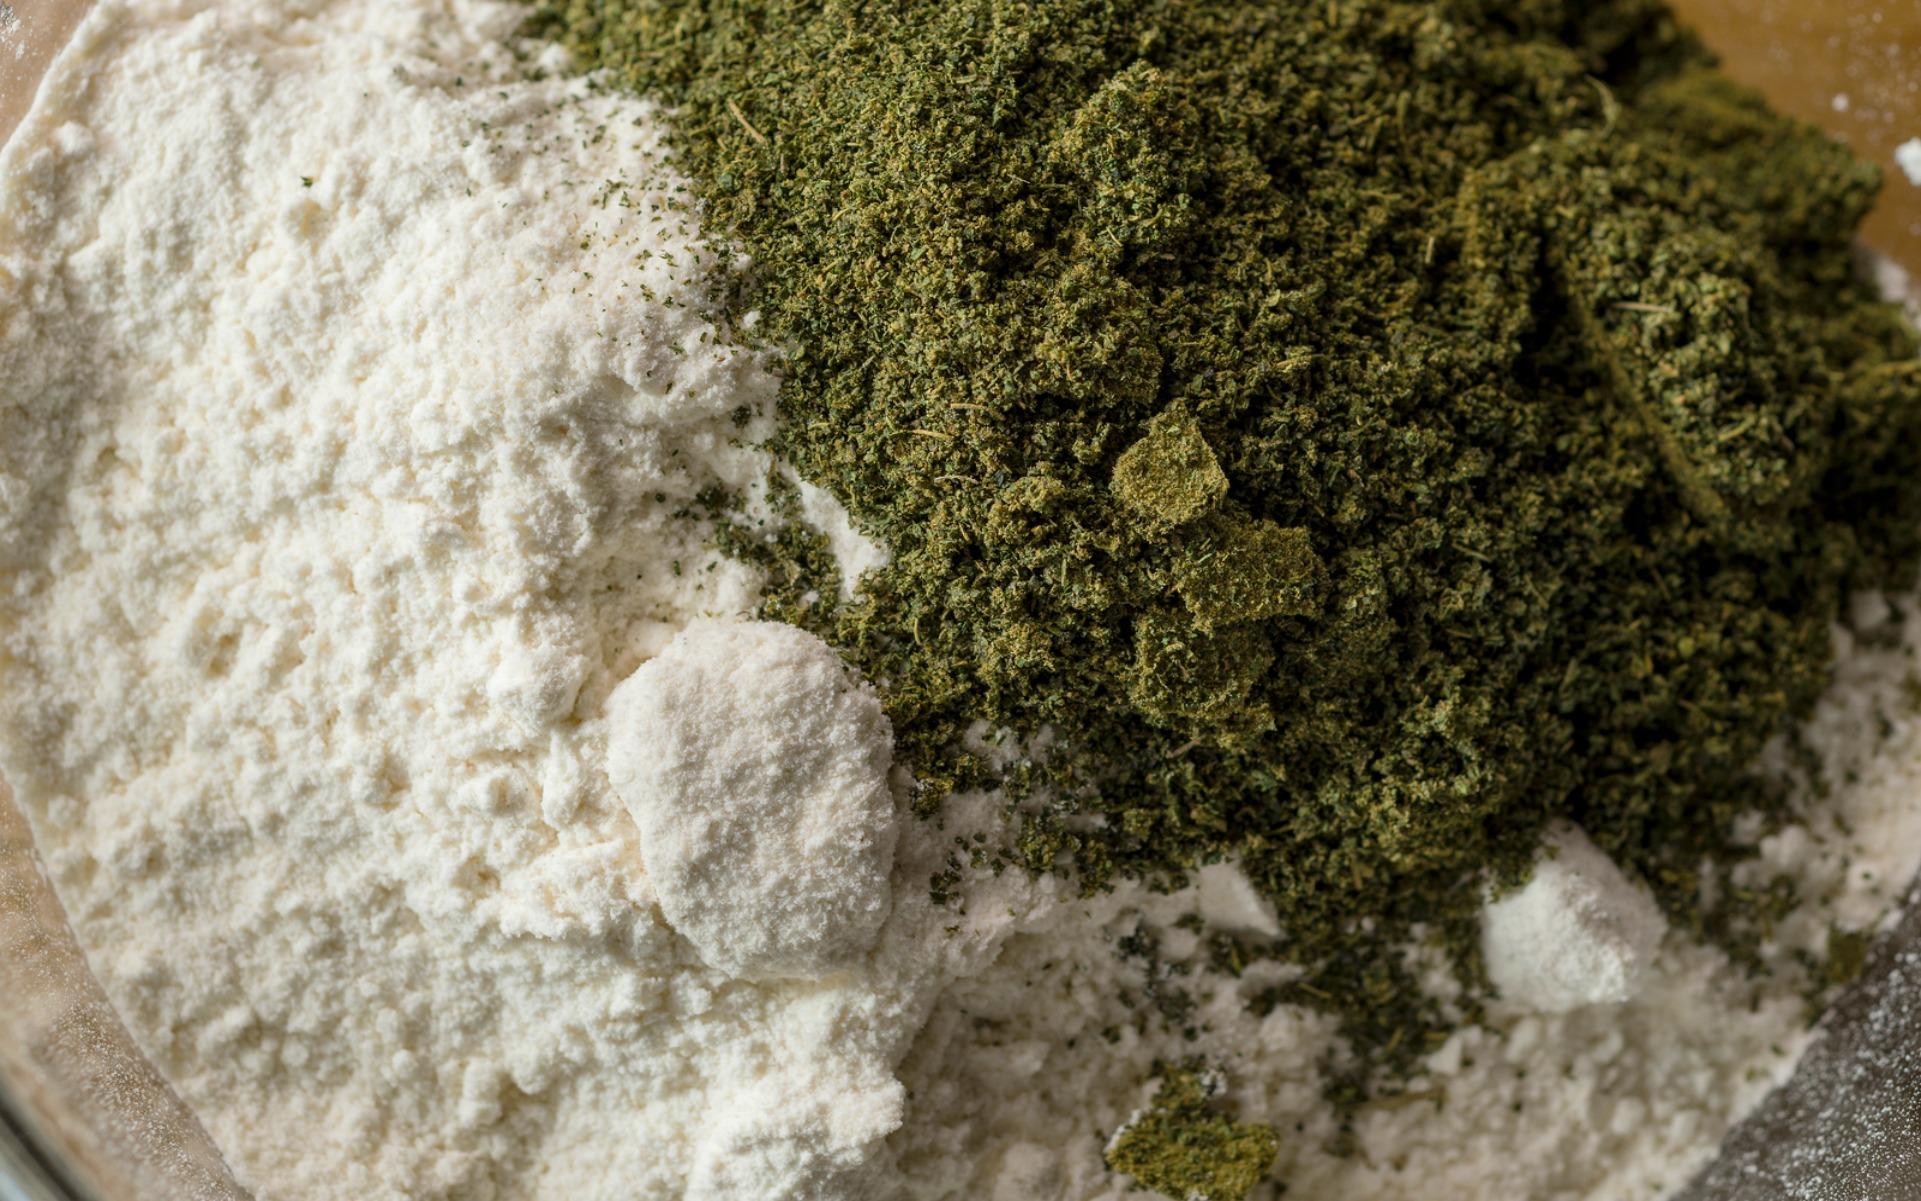 cannabis flour, canna flour, sift with flour